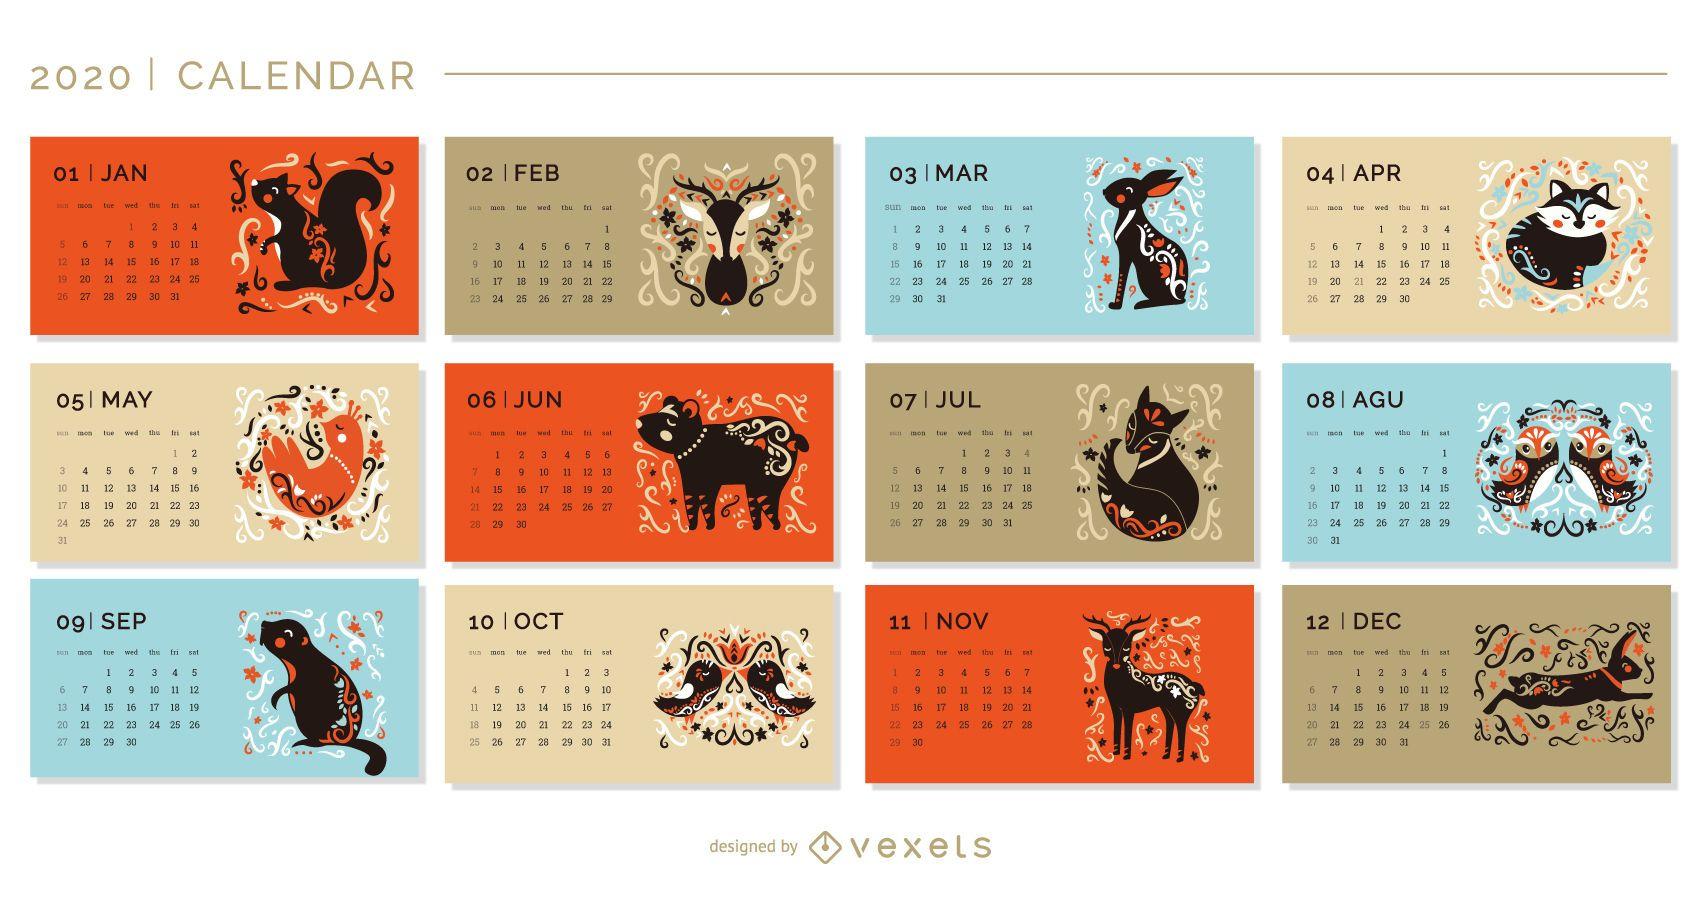 Calendario de animales artísticos 2020